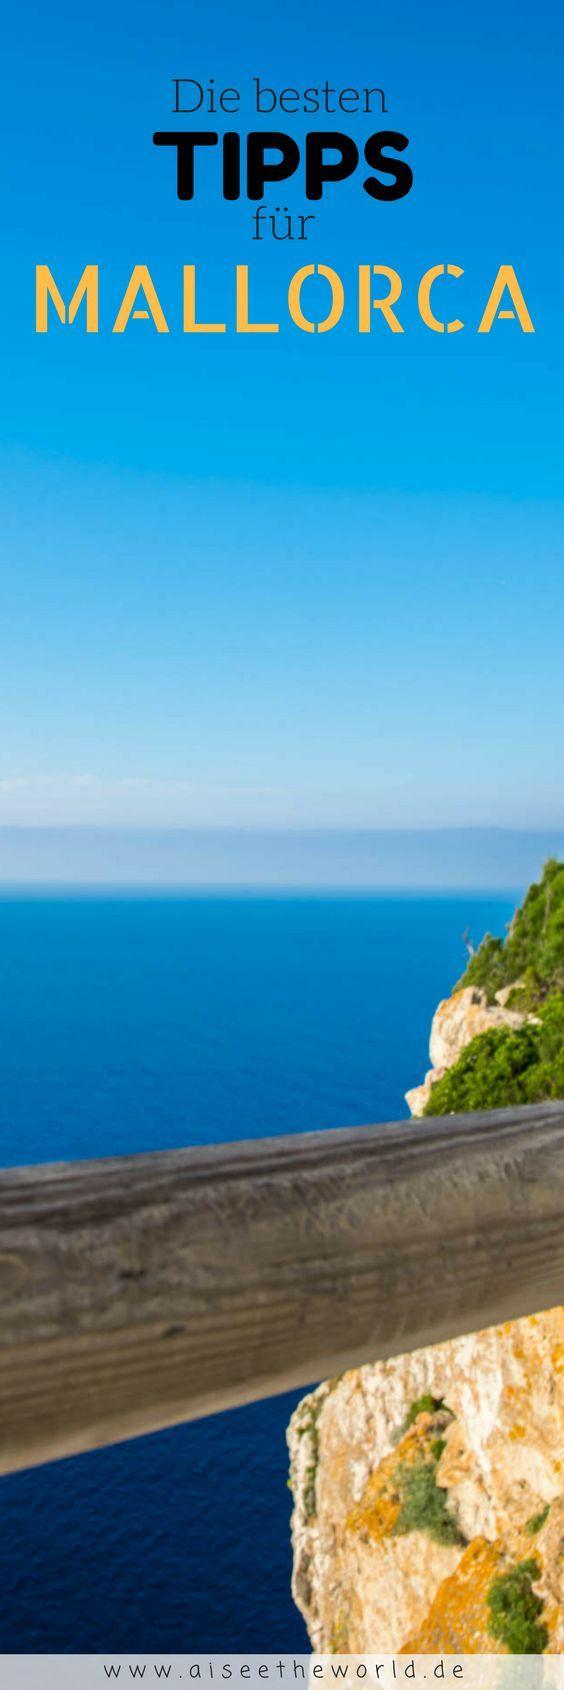 Deine nächste Reise führt dich nach Mallorca? Ich gebe dir Tipps für deinen perfekten Urlaub auf der größten Insel der Balearen. Cap de Formentor, Soller, Palma de Mallorca, Santanyi, Ariany, Alcudia, Port d' Antratx. Tipps für deine nächsten Reisen findest du auch auf meinem Reiseblog. Europa. USA.